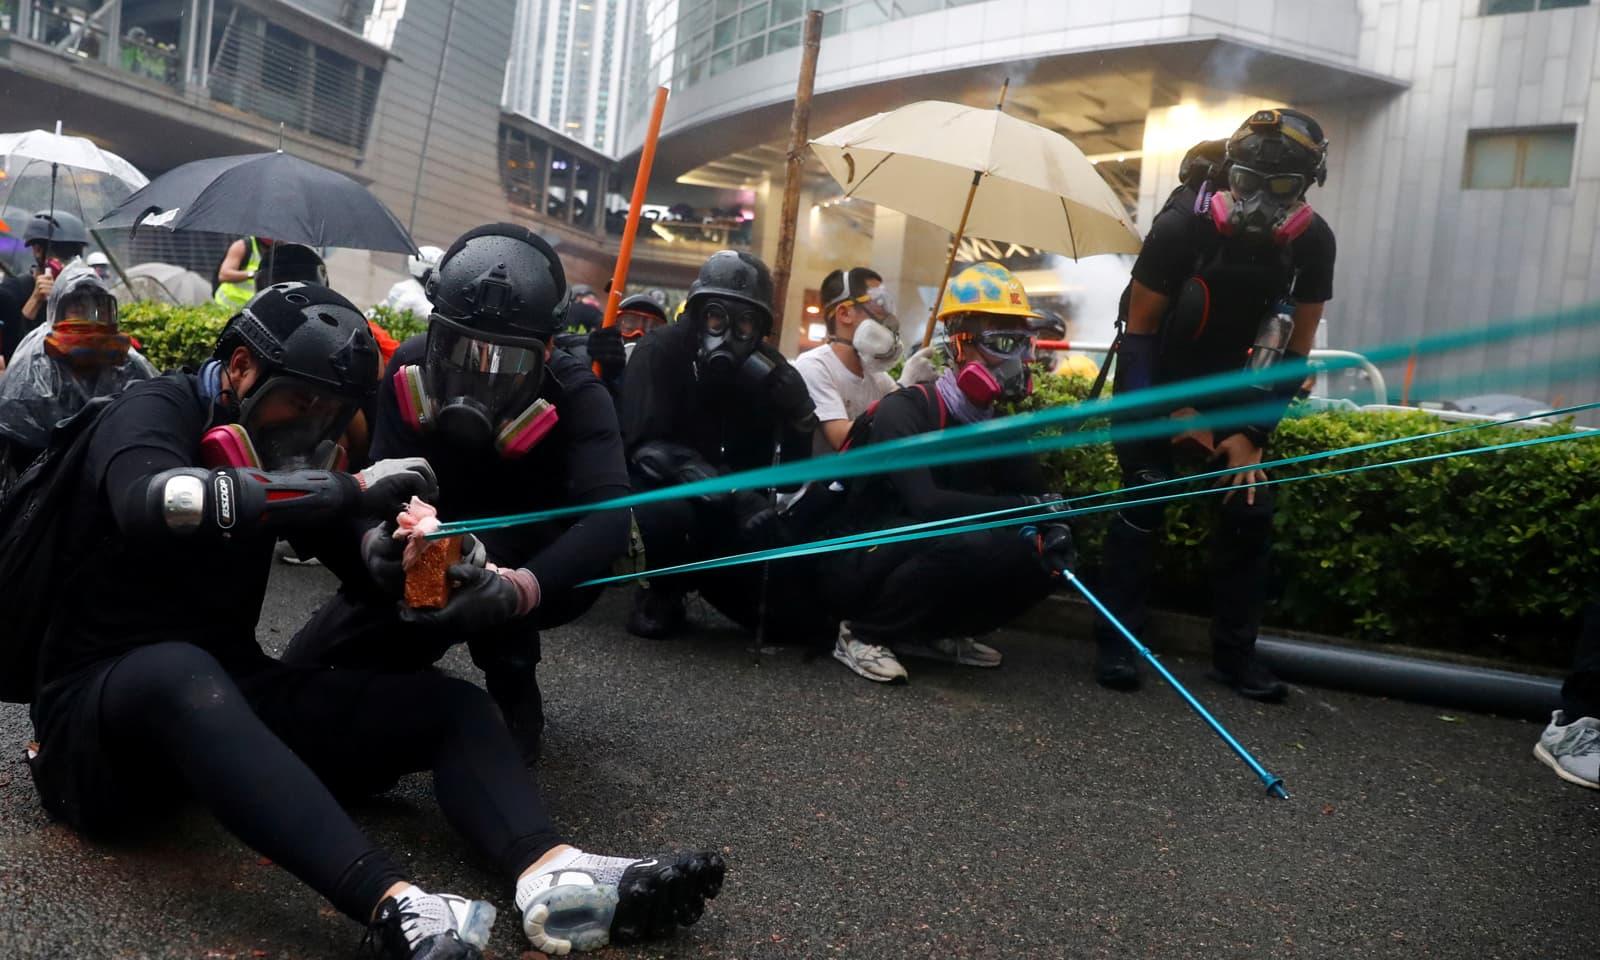 ہانگ کانگ کو املاک کی توڑ پھوڑ سمیت بھاری مالیت کا نقصان بھی اٹھانا پڑرہا ہے—رائٹرز